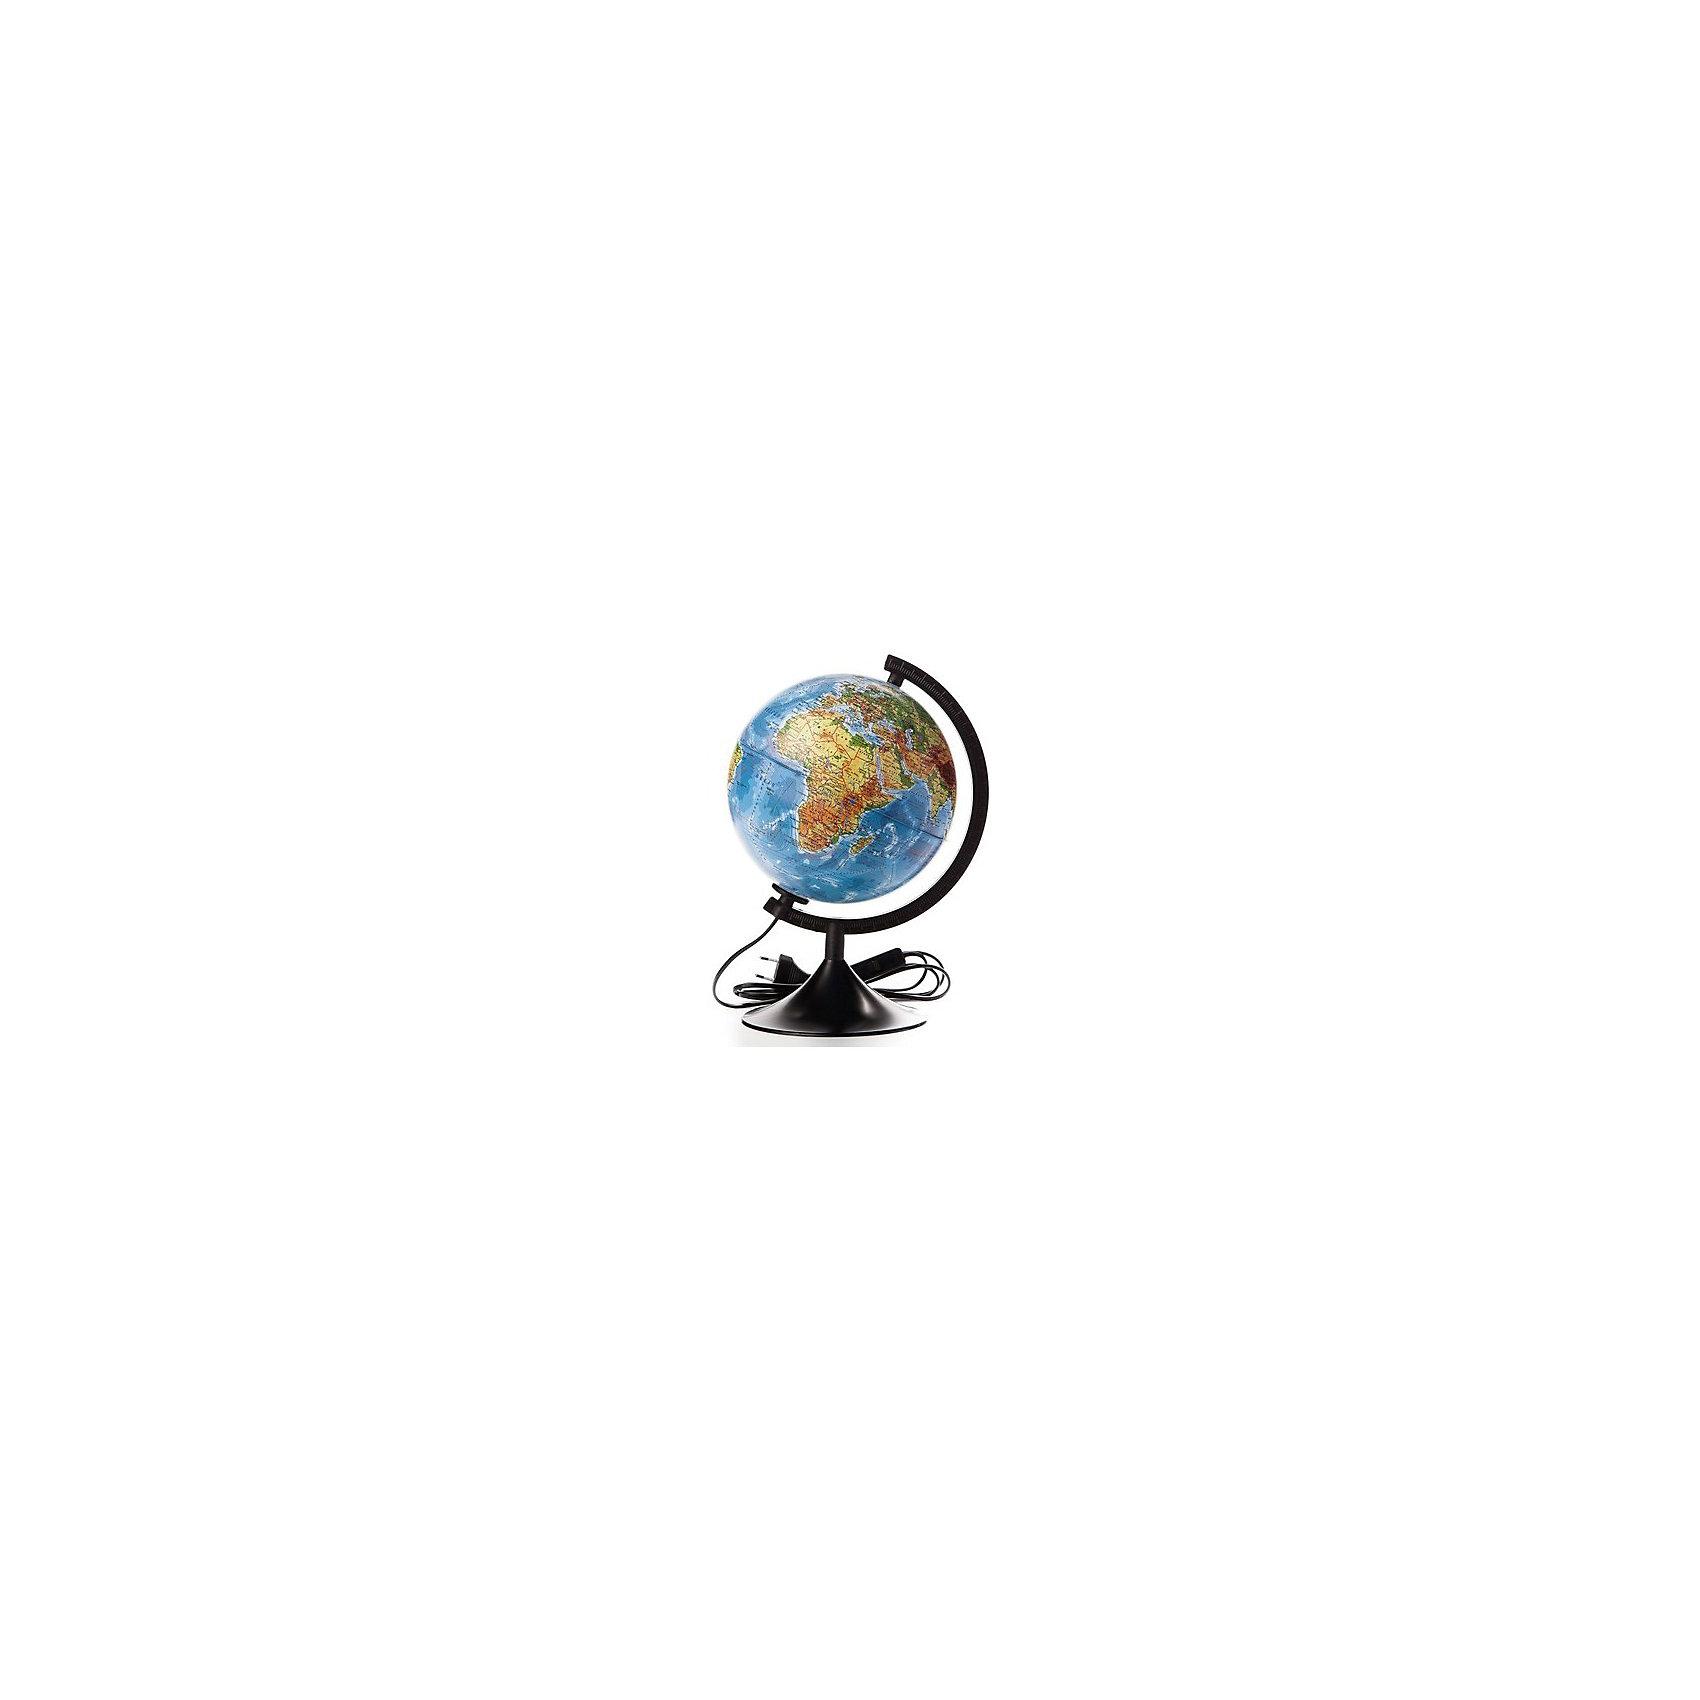 Глобус Земли физический с подсветкой, диаметр 320 ммПоследняя цена<br>Глобус Земли физический с подсветкой, д-р 320.<br><br>Характеристики:<br><br>• Для детей в возрасте: от 6 лет<br>• Диаметр: 32 см.<br>• Материал: пластик<br>• Цвет подставки и дуги: черный<br>• Подсветка работает от сети<br><br>Глобус Земли физический с подсветкой станет замечательным наглядным пособием для вашего ребенка. Физическая карта отображает ландшафт поверхности земного шара в соответствии с принятыми цветовыми условными обозначениями в картографии. Нанесены названия материков, океанов, морей, течений, заливов, горных хребтов, плоскогорий и низменностей, а также других географических объектов. Кроме этого отображены названия государств. Надписи яркие, четкие на русском языке. Сфера глобуса изготовлена из прочного высококачественного пластика, поэтому она не расколется от случайного падения. Устойчивая подставка и дуга с градусными отметками выполнены из прочного высококачественного пластика черного цвета. Для усиления цветового эффекта можно включить подсветку. Подсветка работает от стационарной сети в 220 Вольт. Провод изолирован, есть переключатель.<br><br>Глобус Земли физический с подсветкой, д-р 320 можно купить в нашем интернет-магазине.<br><br>Ширина мм: 350<br>Глубина мм: 320<br>Высота мм: 320<br>Вес г: 900<br>Возраст от месяцев: 72<br>Возраст до месяцев: 2147483647<br>Пол: Унисекс<br>Возраст: Детский<br>SKU: 5504476